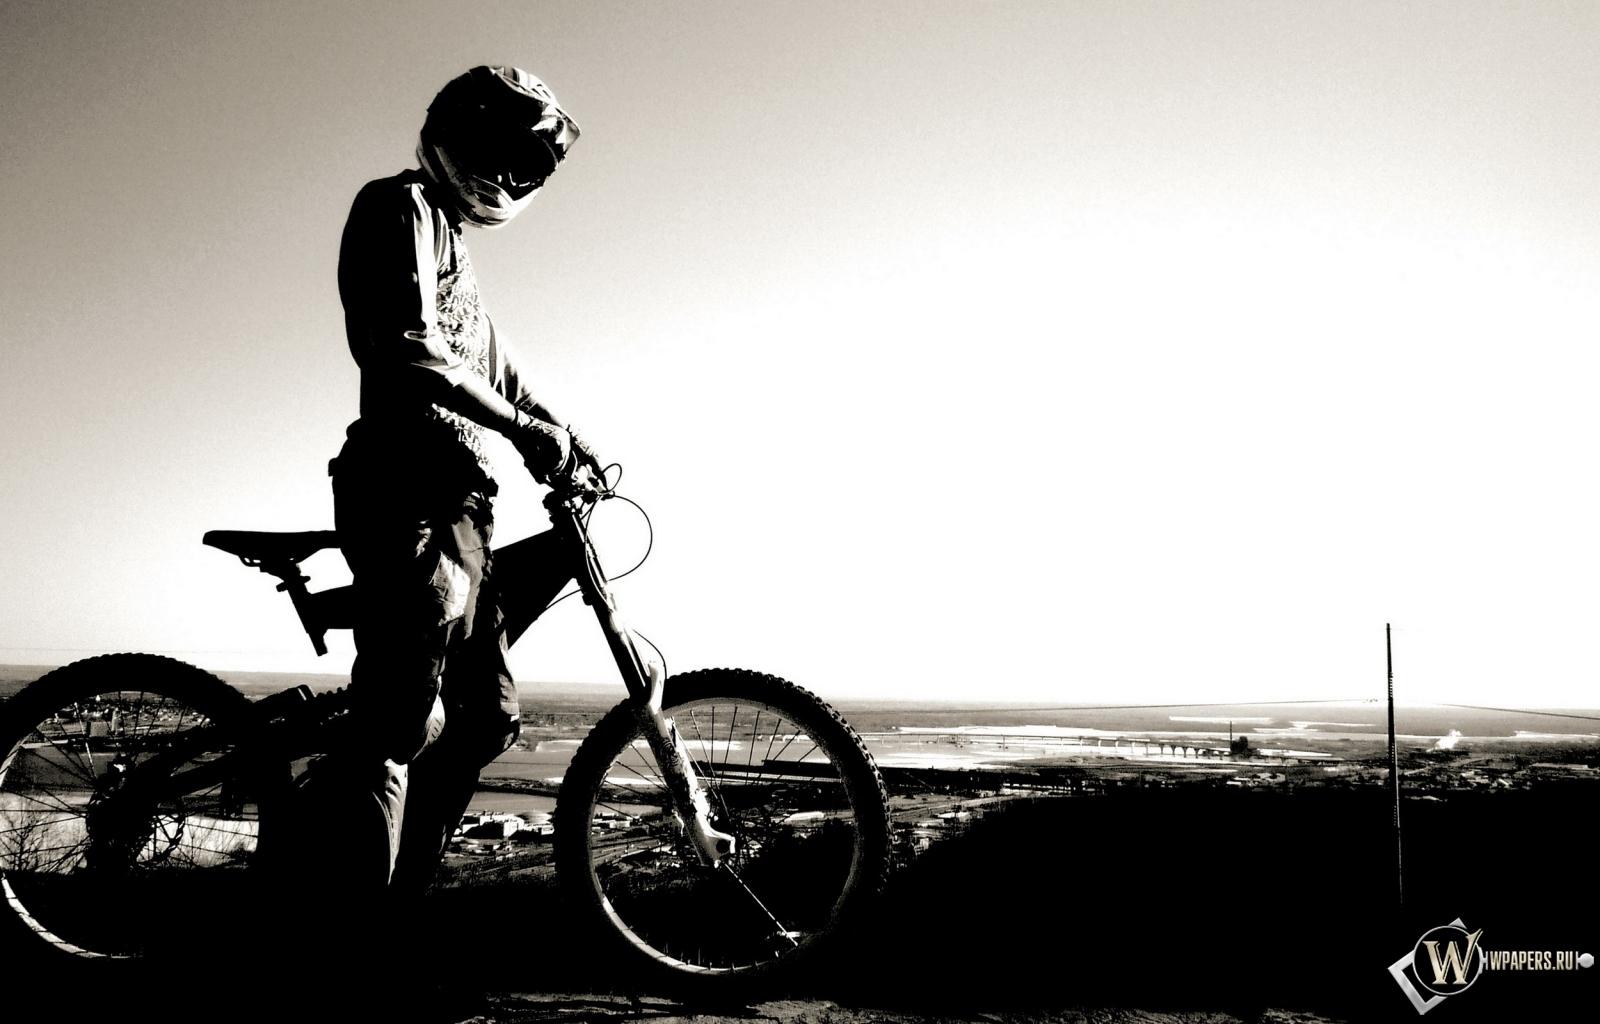 Велосипедист 1600x1024